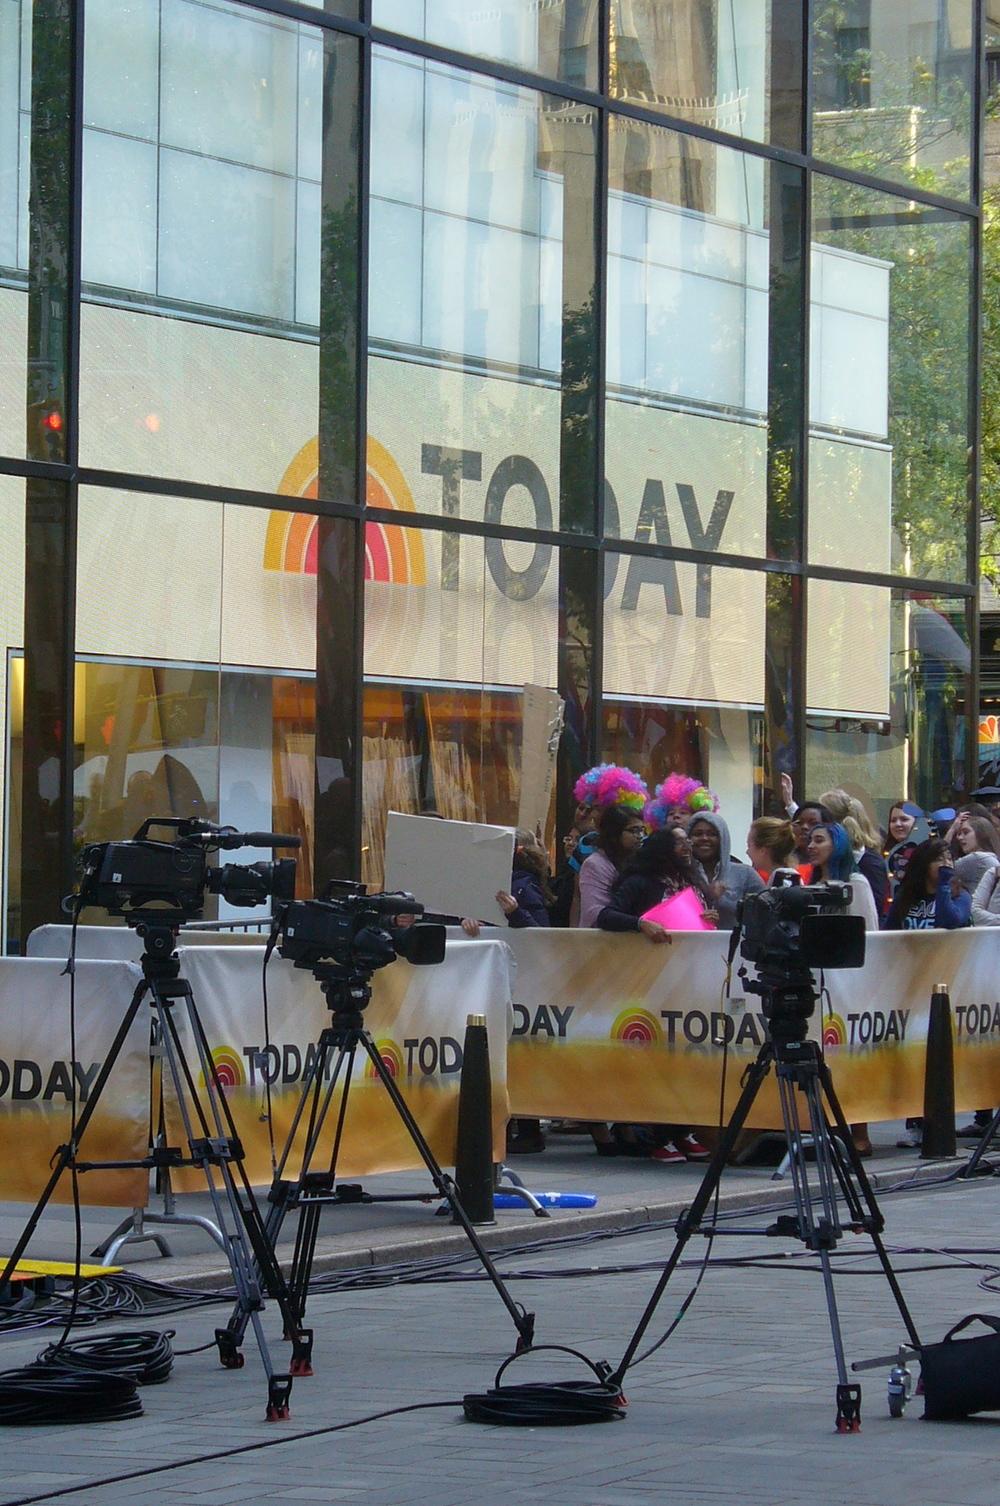 Today Show-cameras.JPG